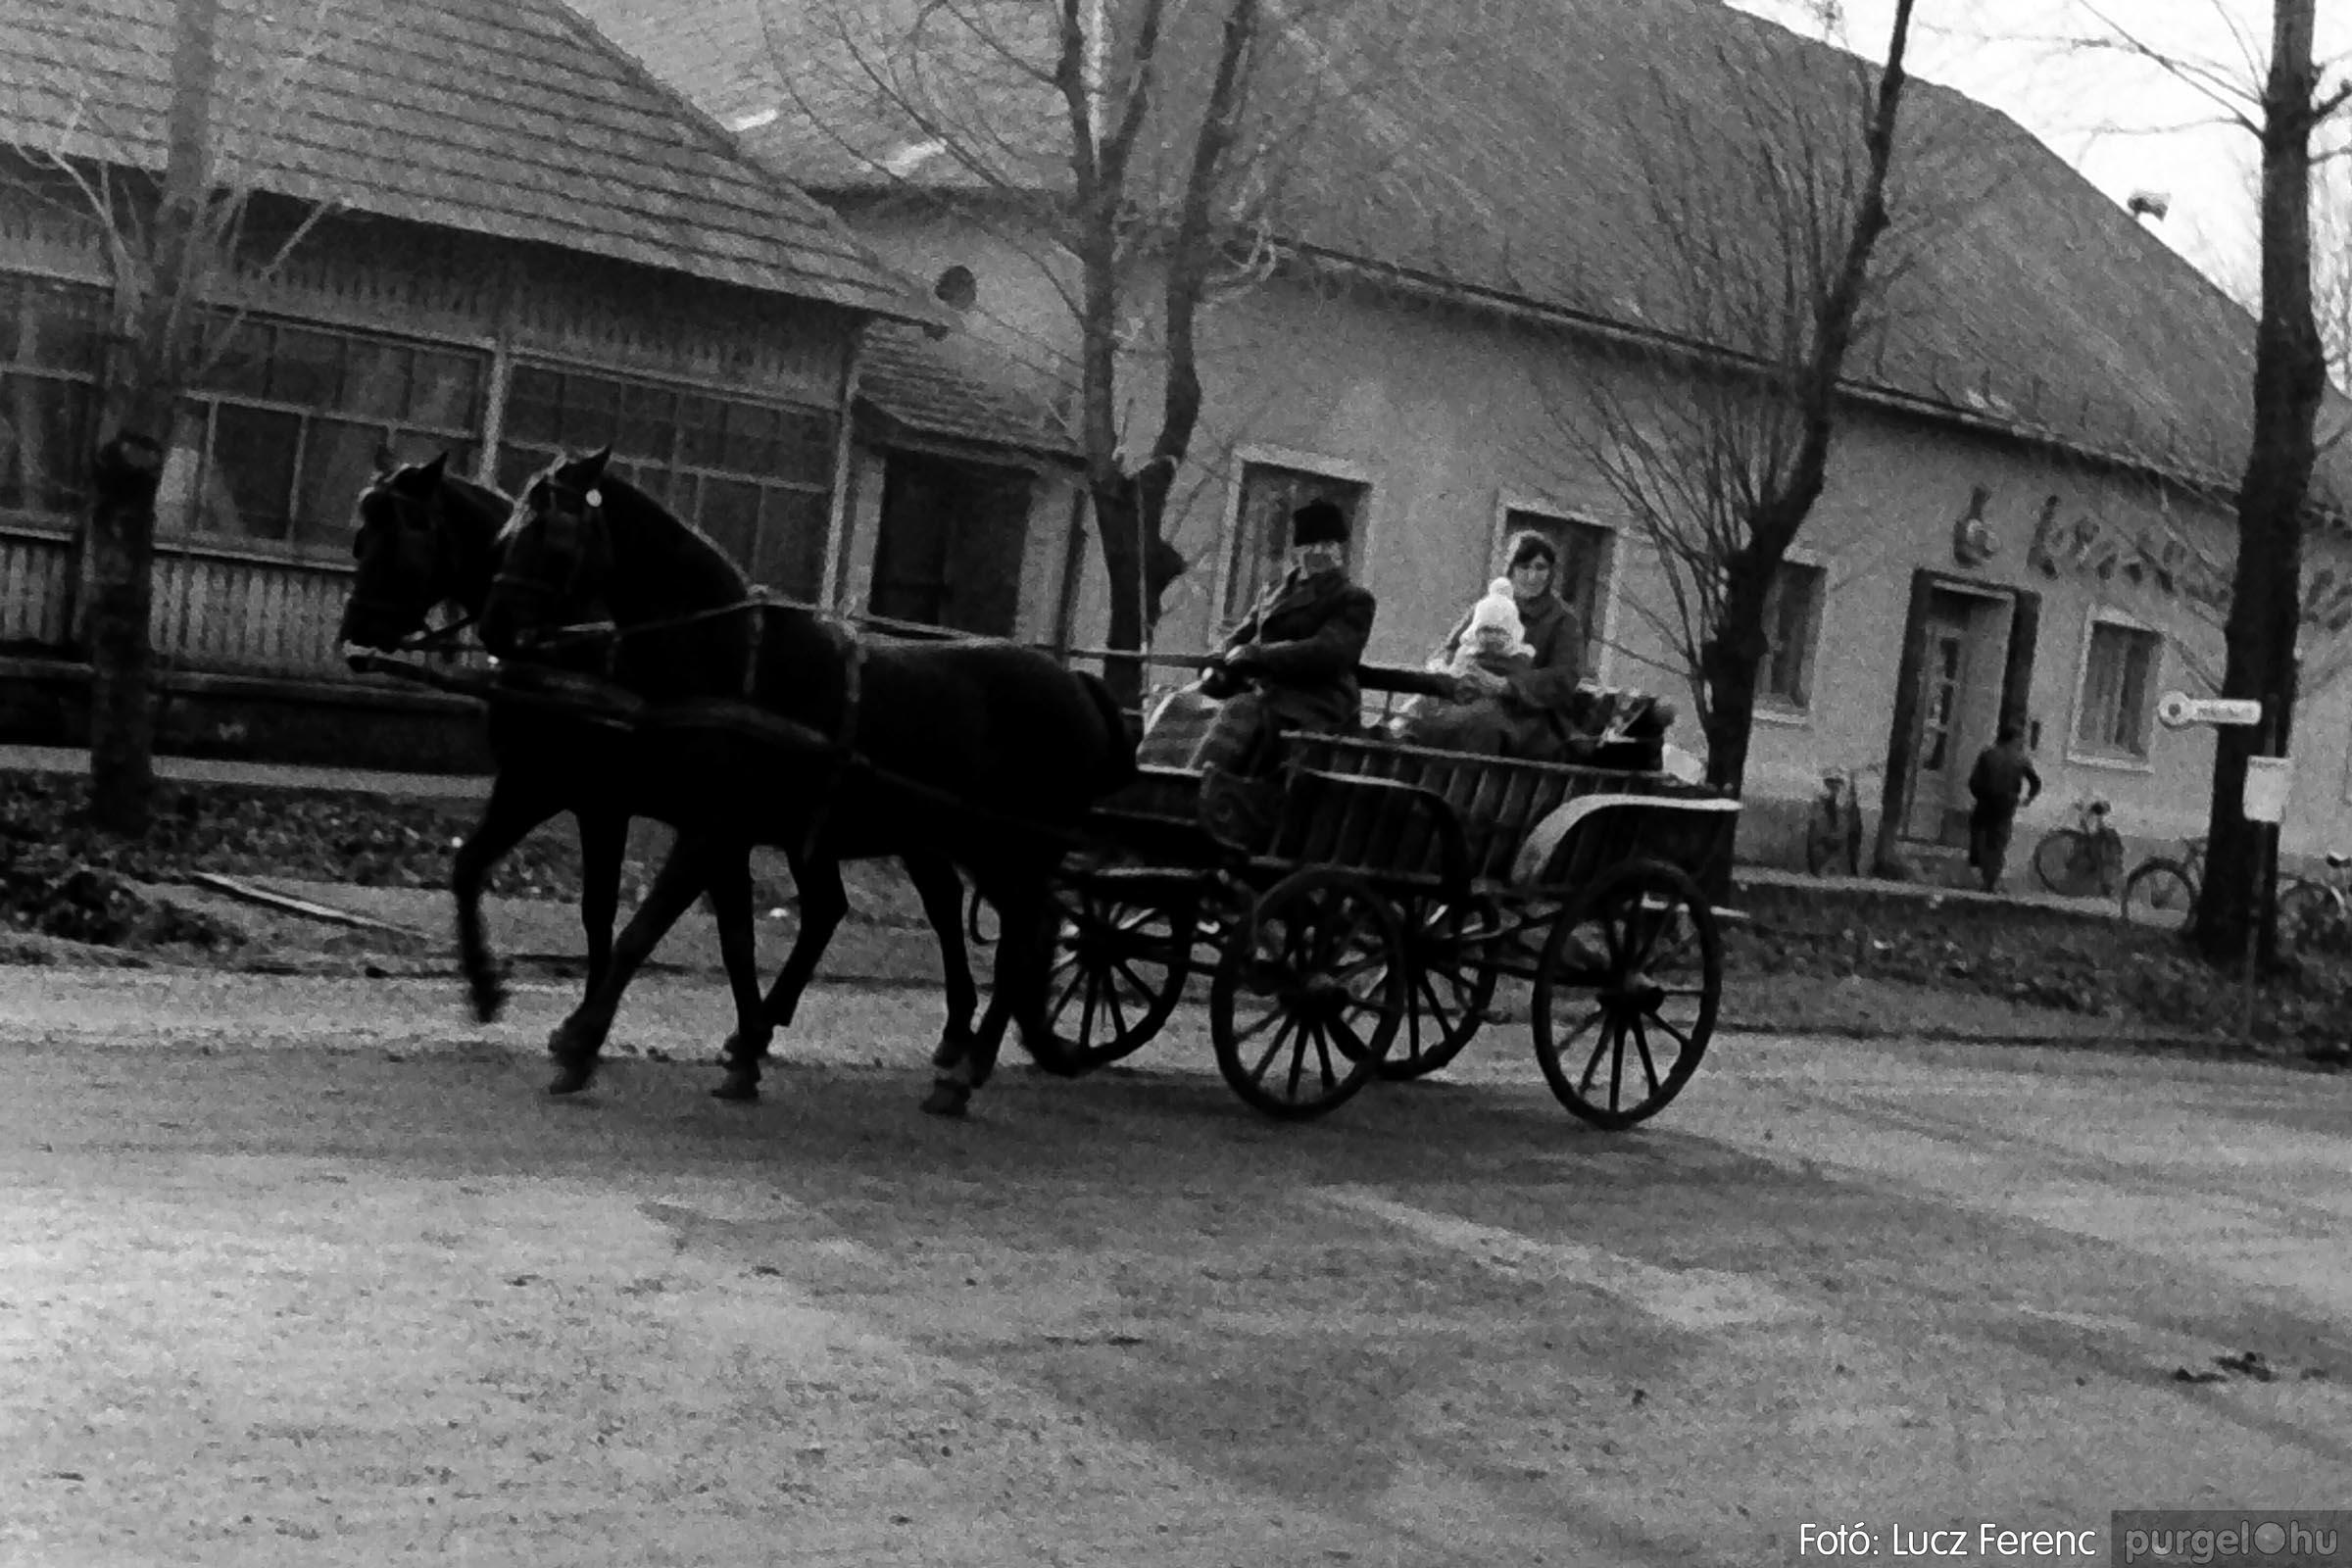 005 1974.12.31. Szilveszter 009 - Fotó: Lucz Ferenc - IMG00009q.jpg